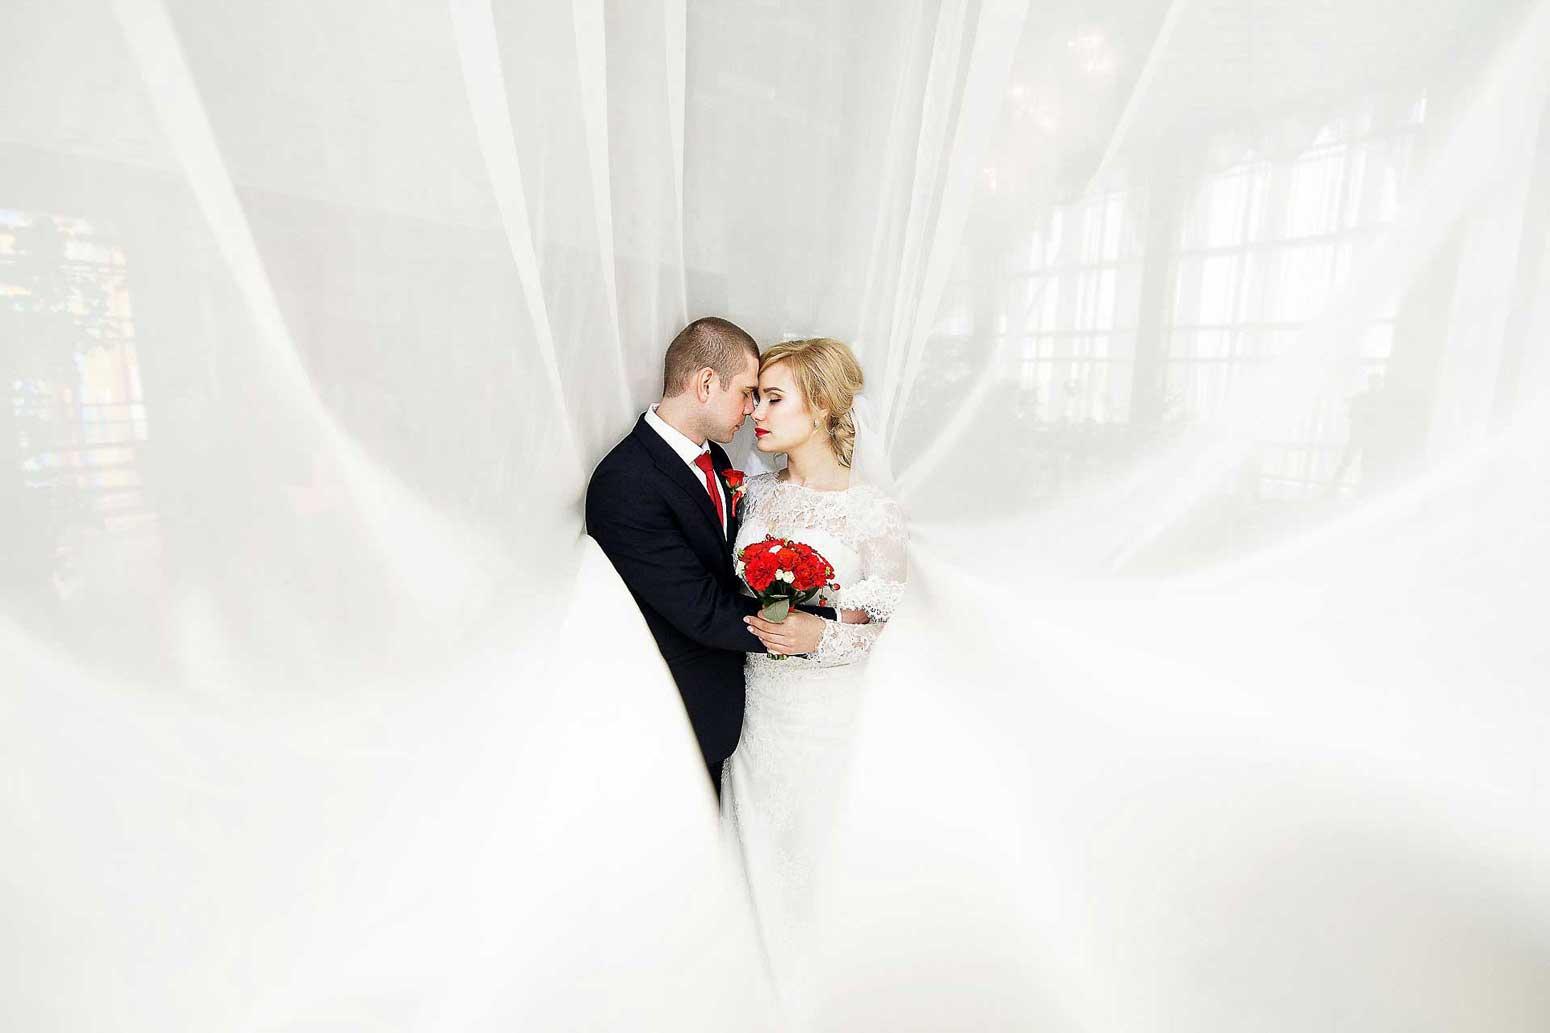 kXyh H1MxUk - 8 Интересных идей для свадебного застолья